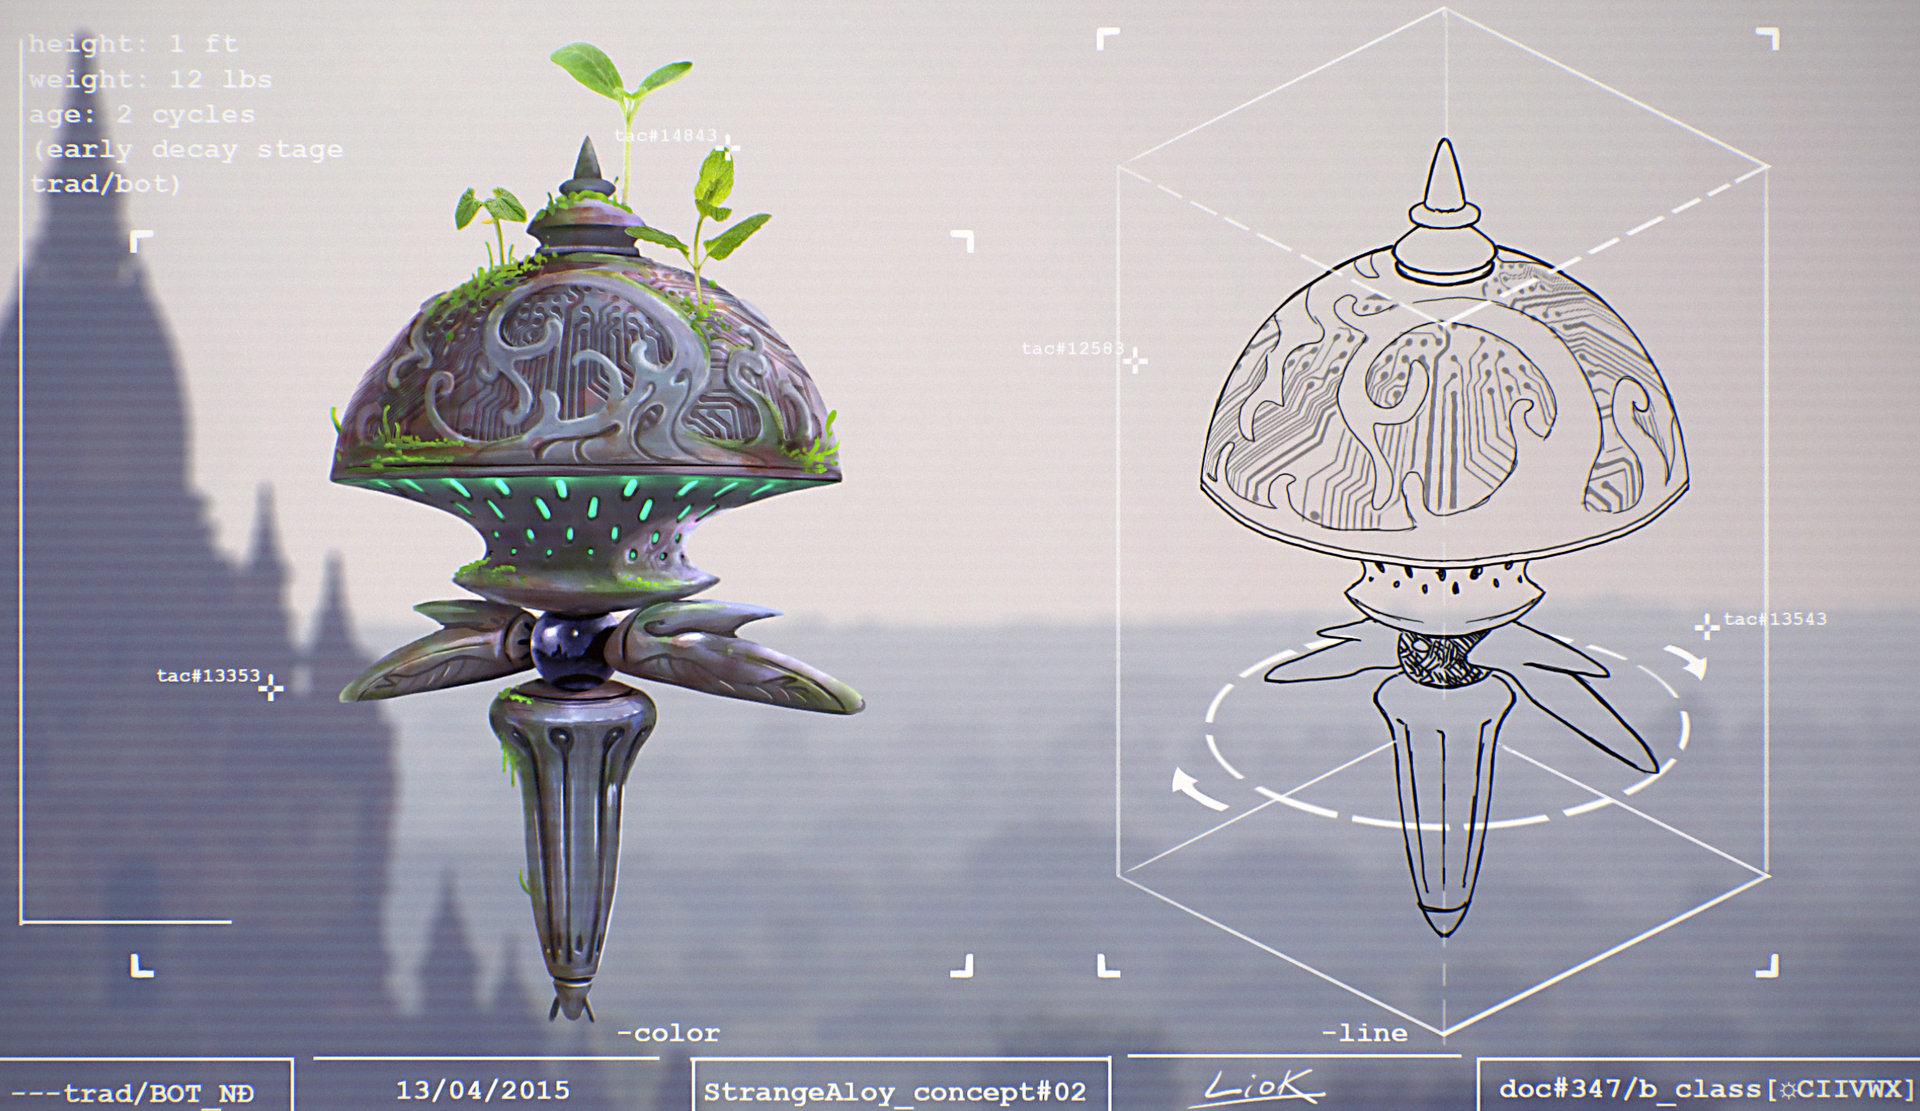 Loic liok bramoulle etrange alliage concept 02